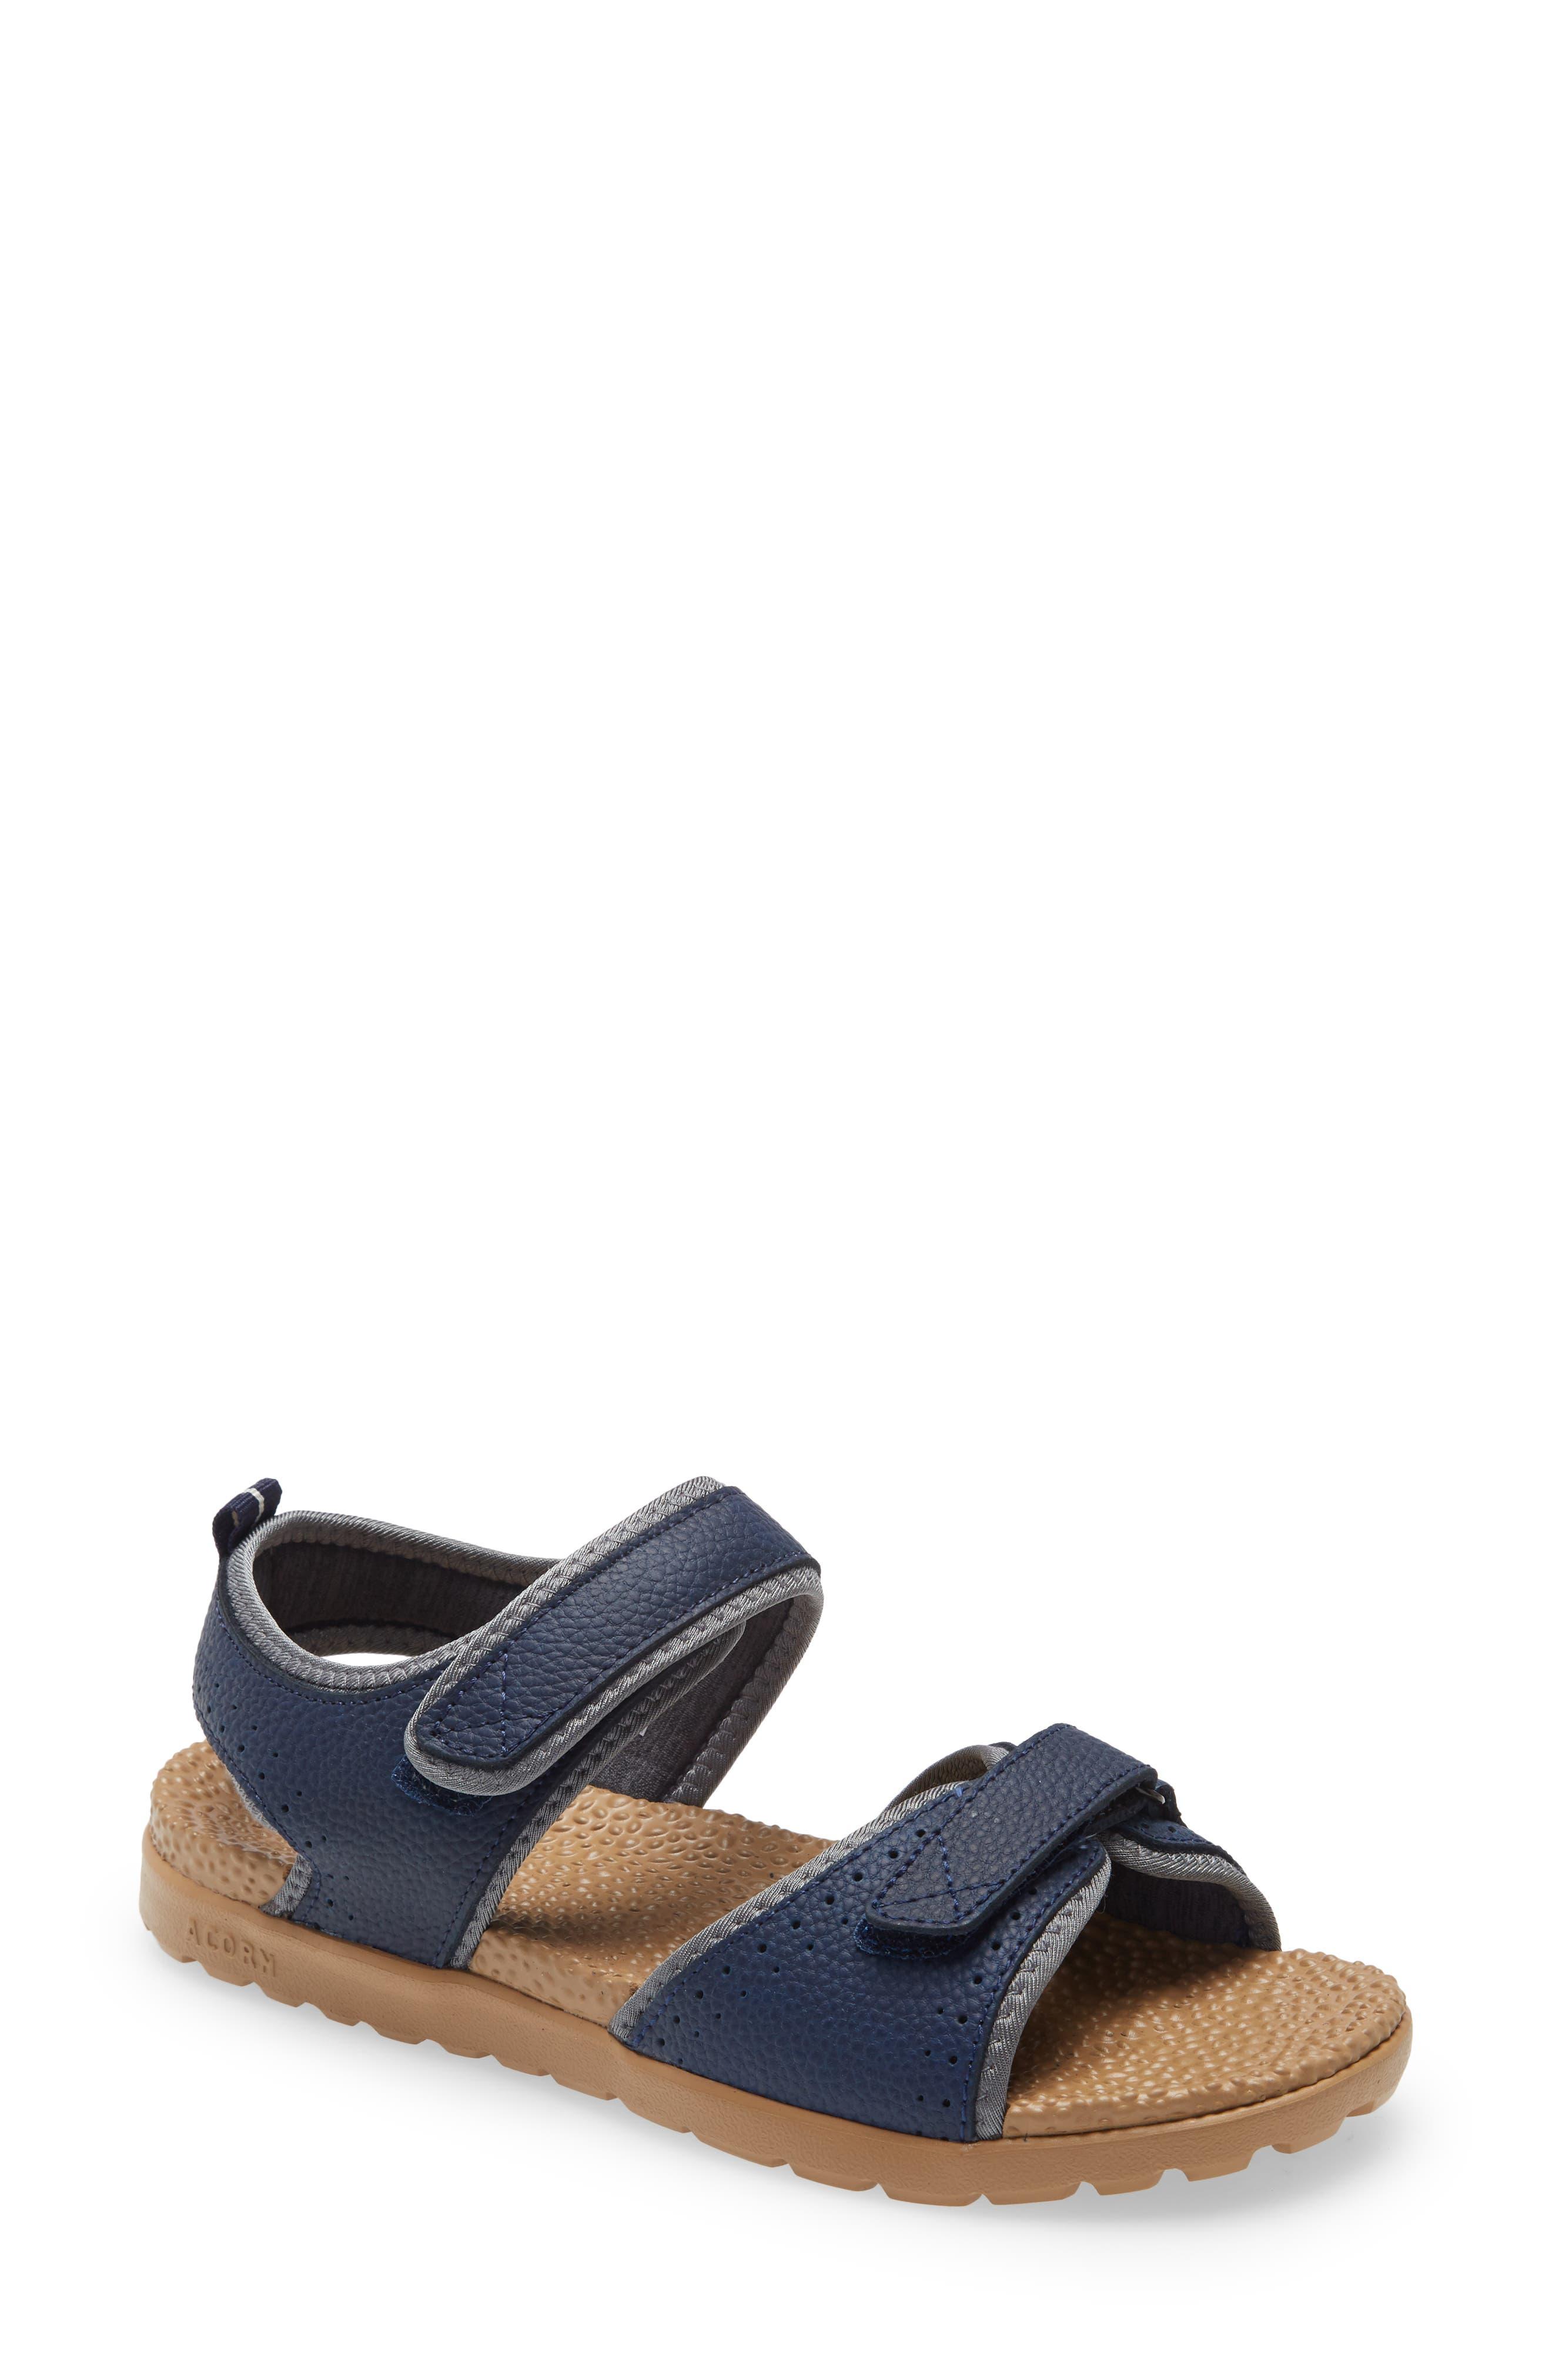 Grafton Sandal